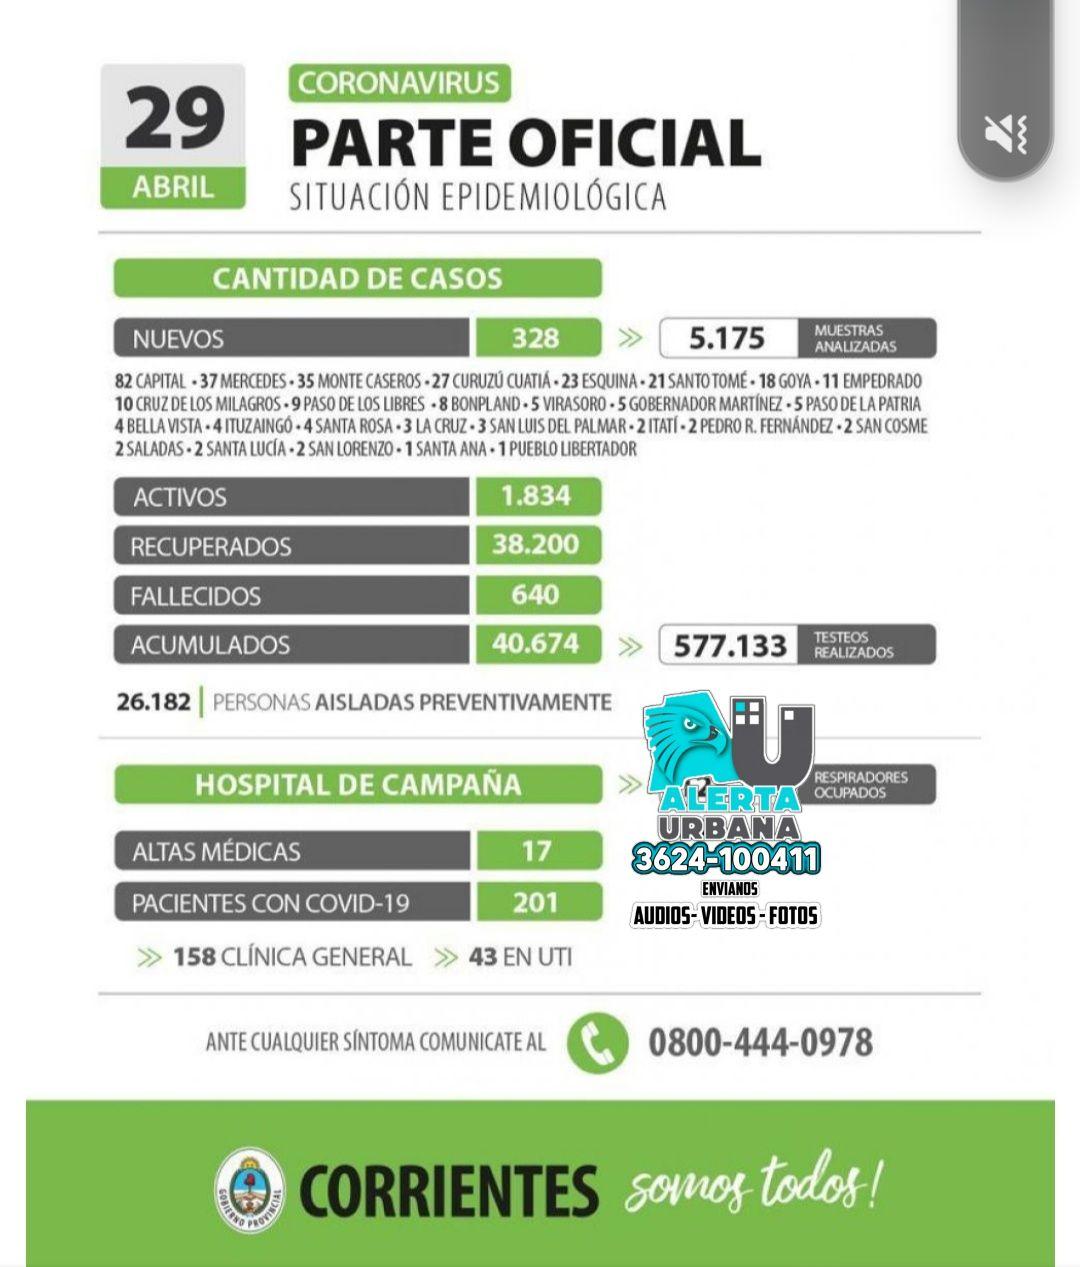 Informan de 328 nuevos casos de coronavirus en Corrientes